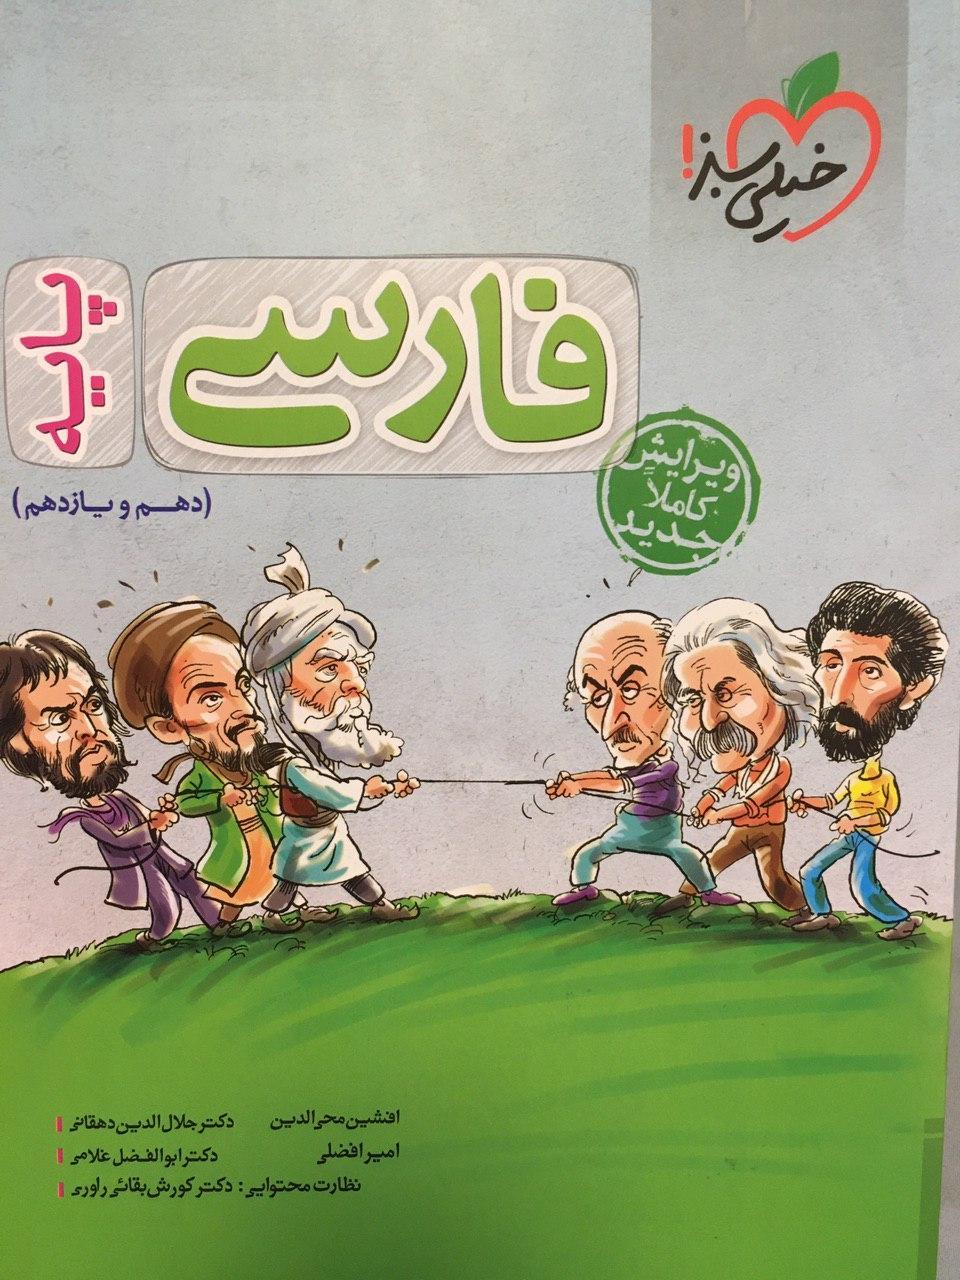 تست فارسی پایه خیلی سبز